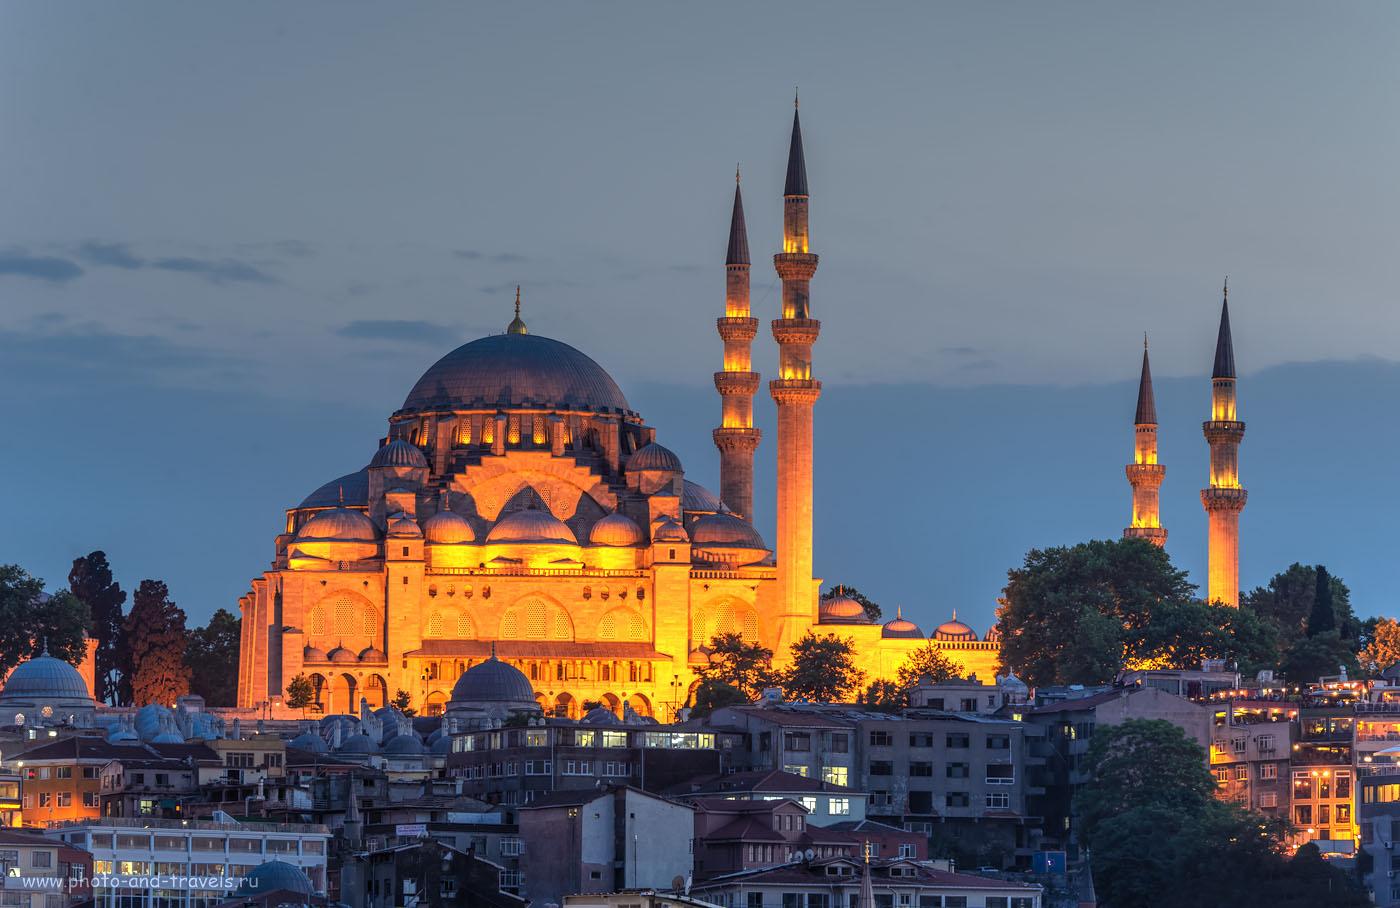 Фото 18. Стамбул. Достопримечательности. МечетьRüstem Paşa Camii. Отчеты туристов об отдыхе в Турции. HDR из 3-х кадров.